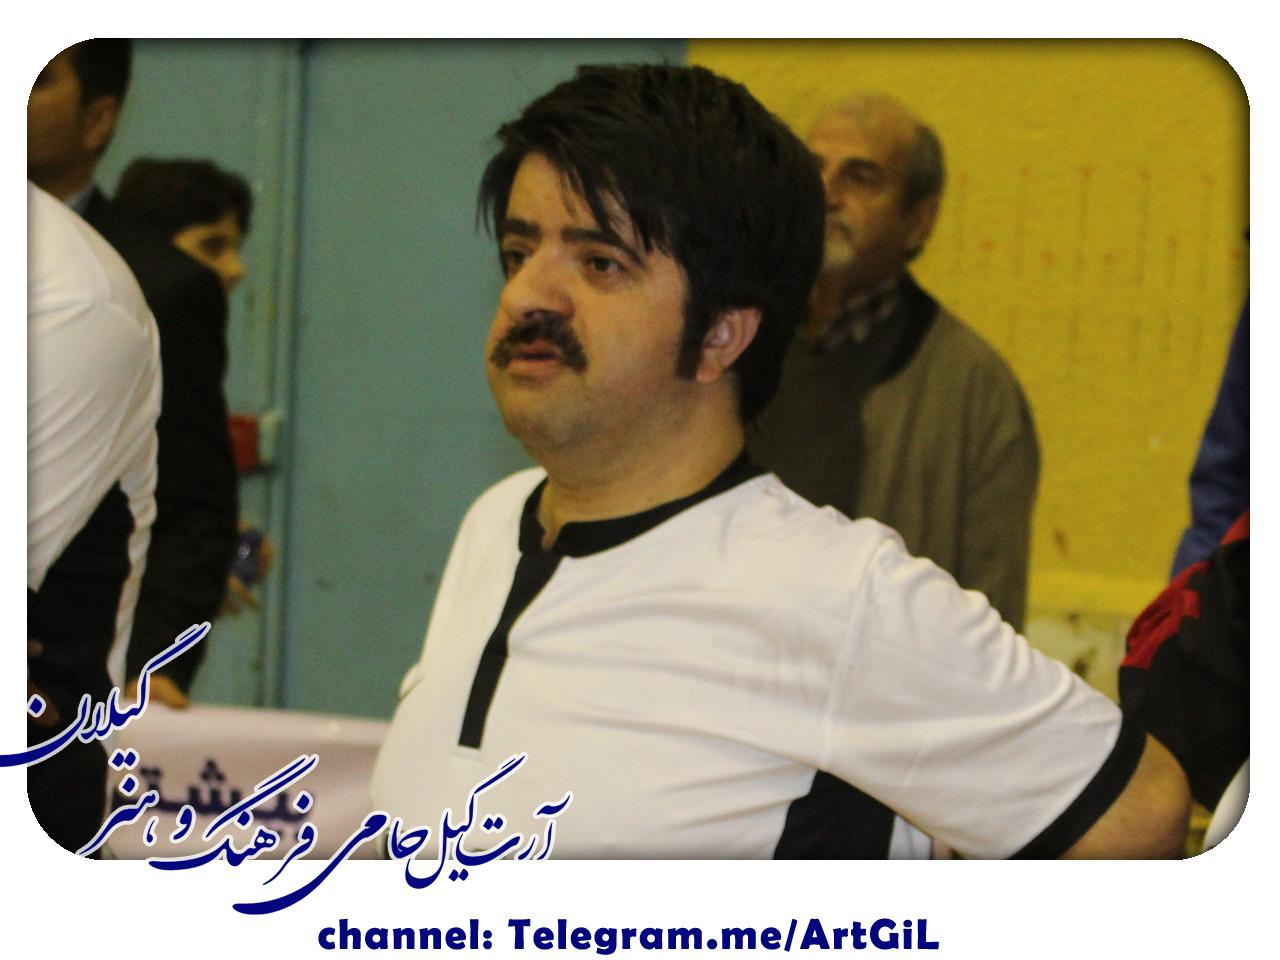 بیوگرافی جابر وثوق ( بازیگر )